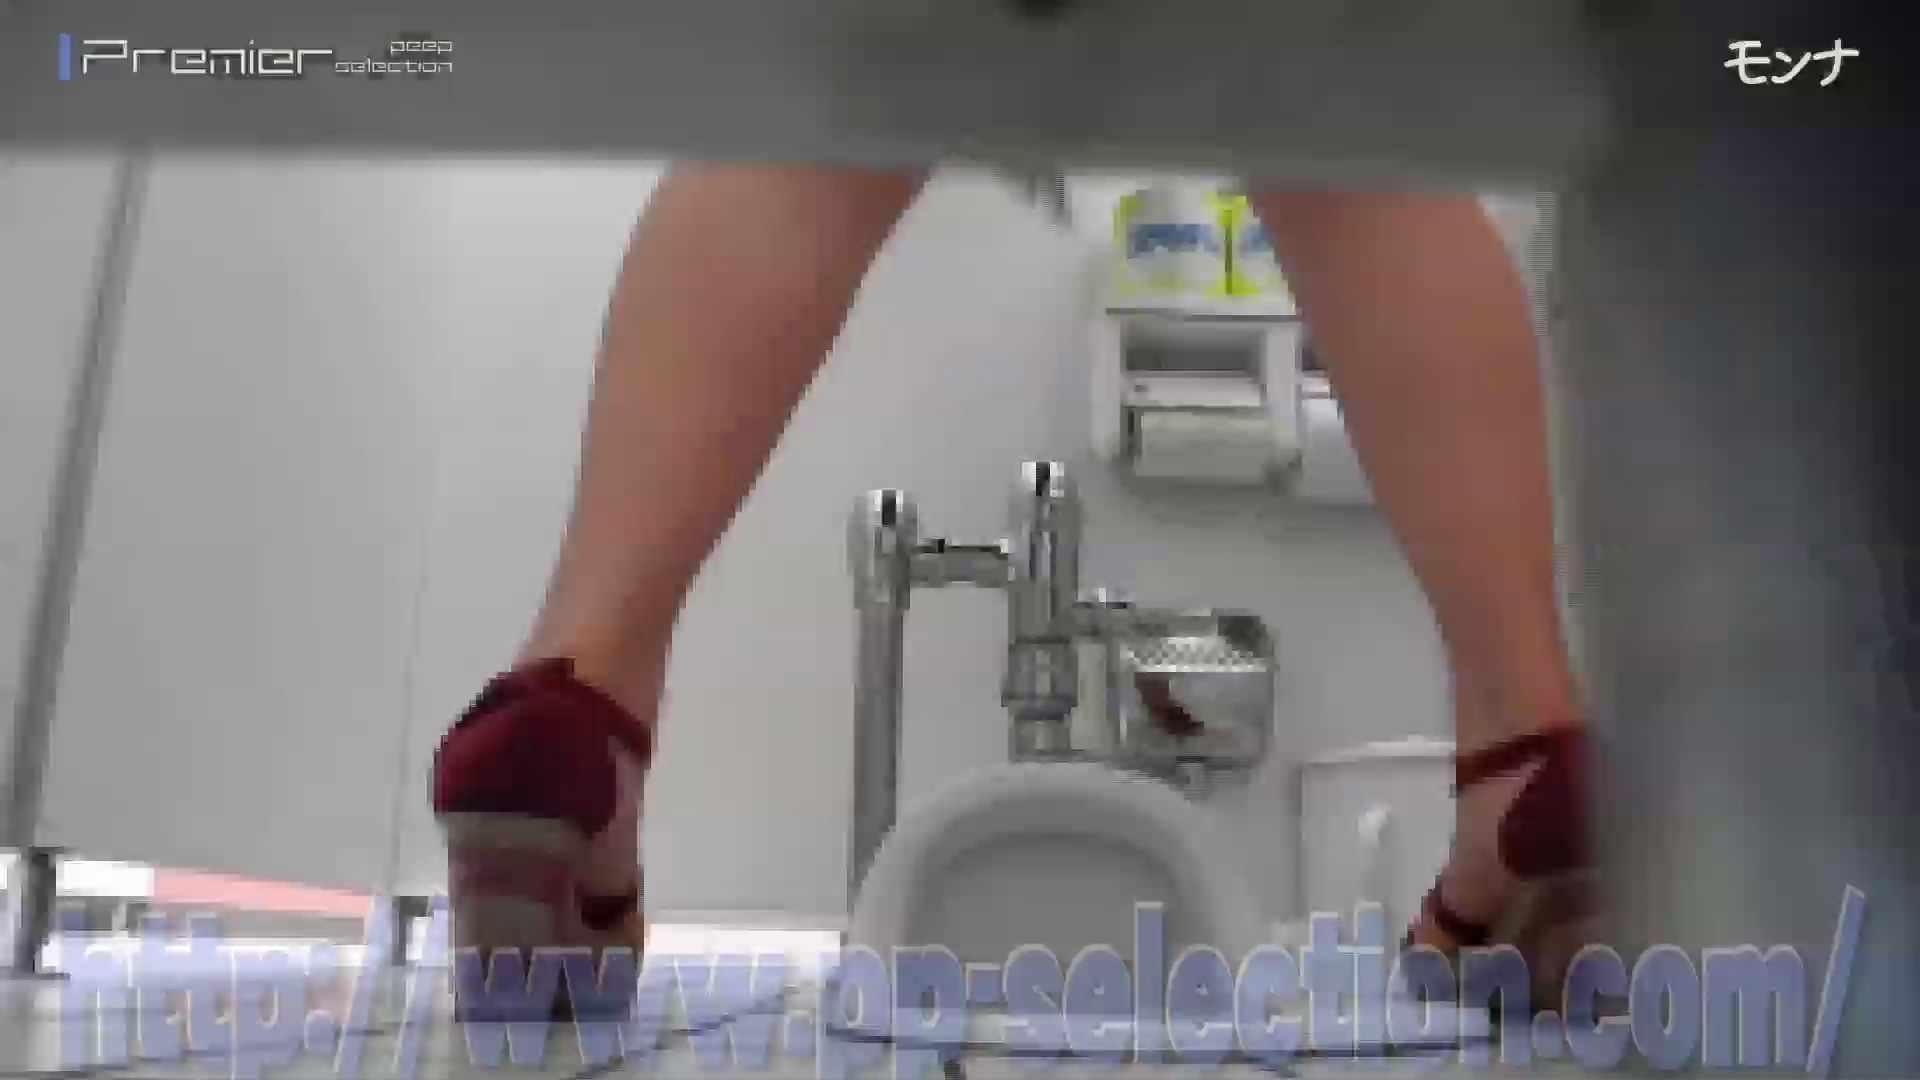 美しい日本の未来 No.58 【無料サンプル】 リアル・マンコ のぞき動画画像 59pic 53